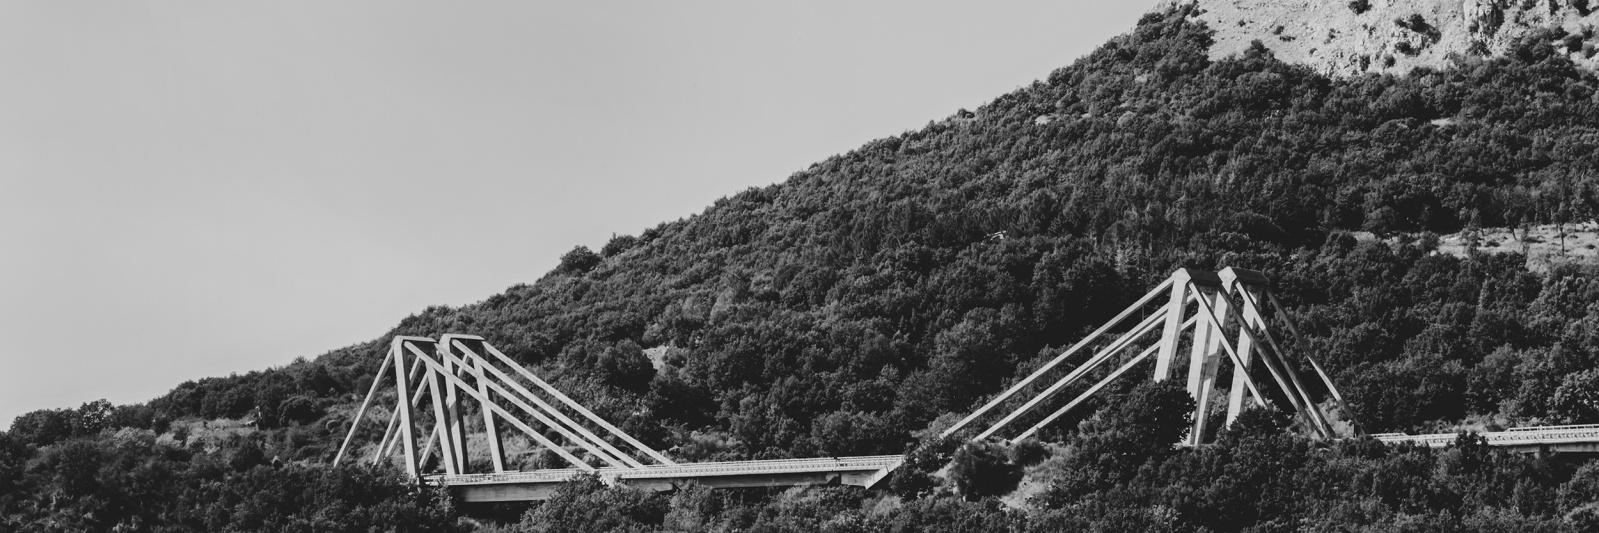 ARCHITETTURA DEL '900 IN BASILICATA